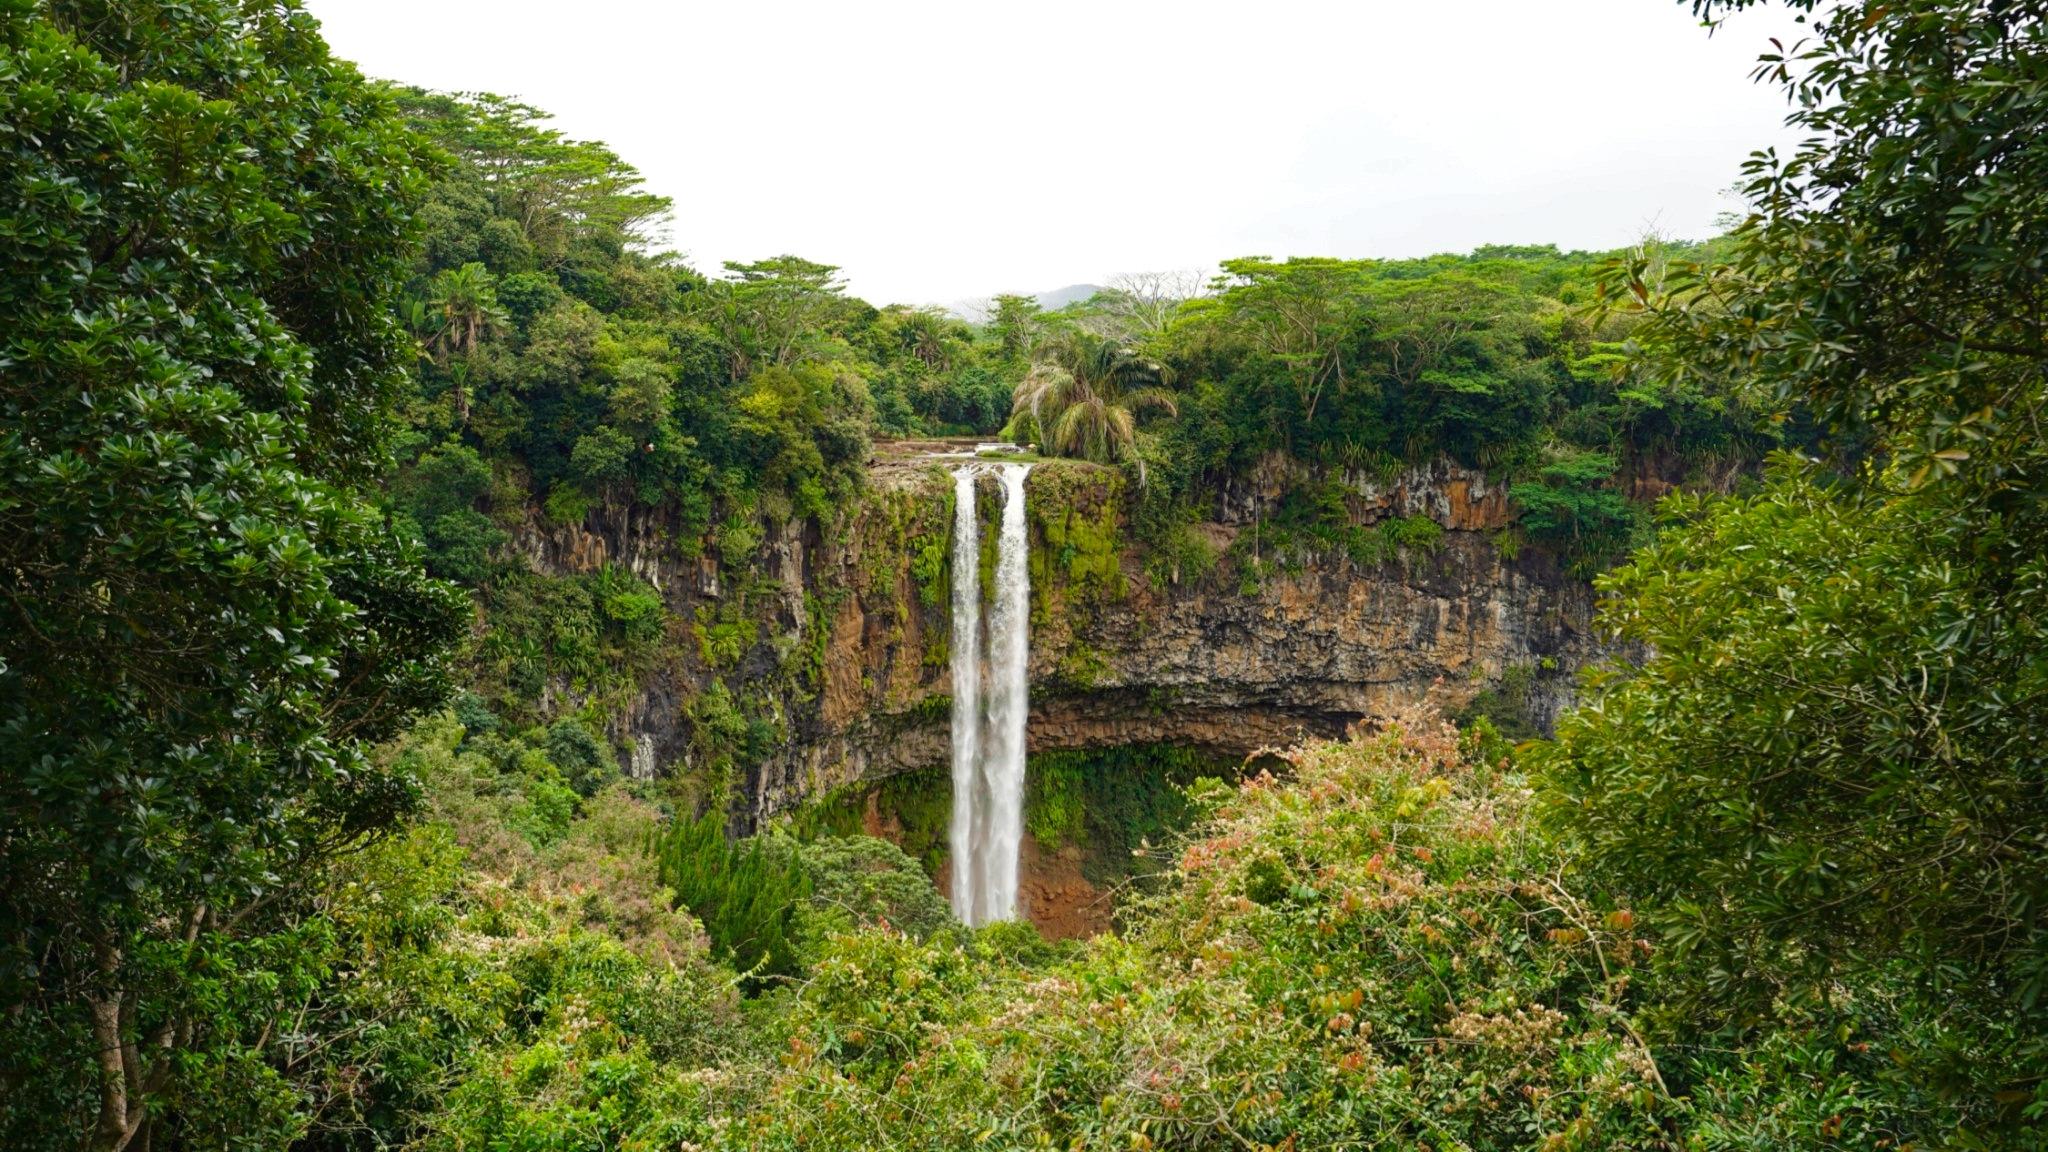 模里西斯,Mauritius,模里西斯景點,七色土,夏瑪爾瀑布,模里西斯旅遊